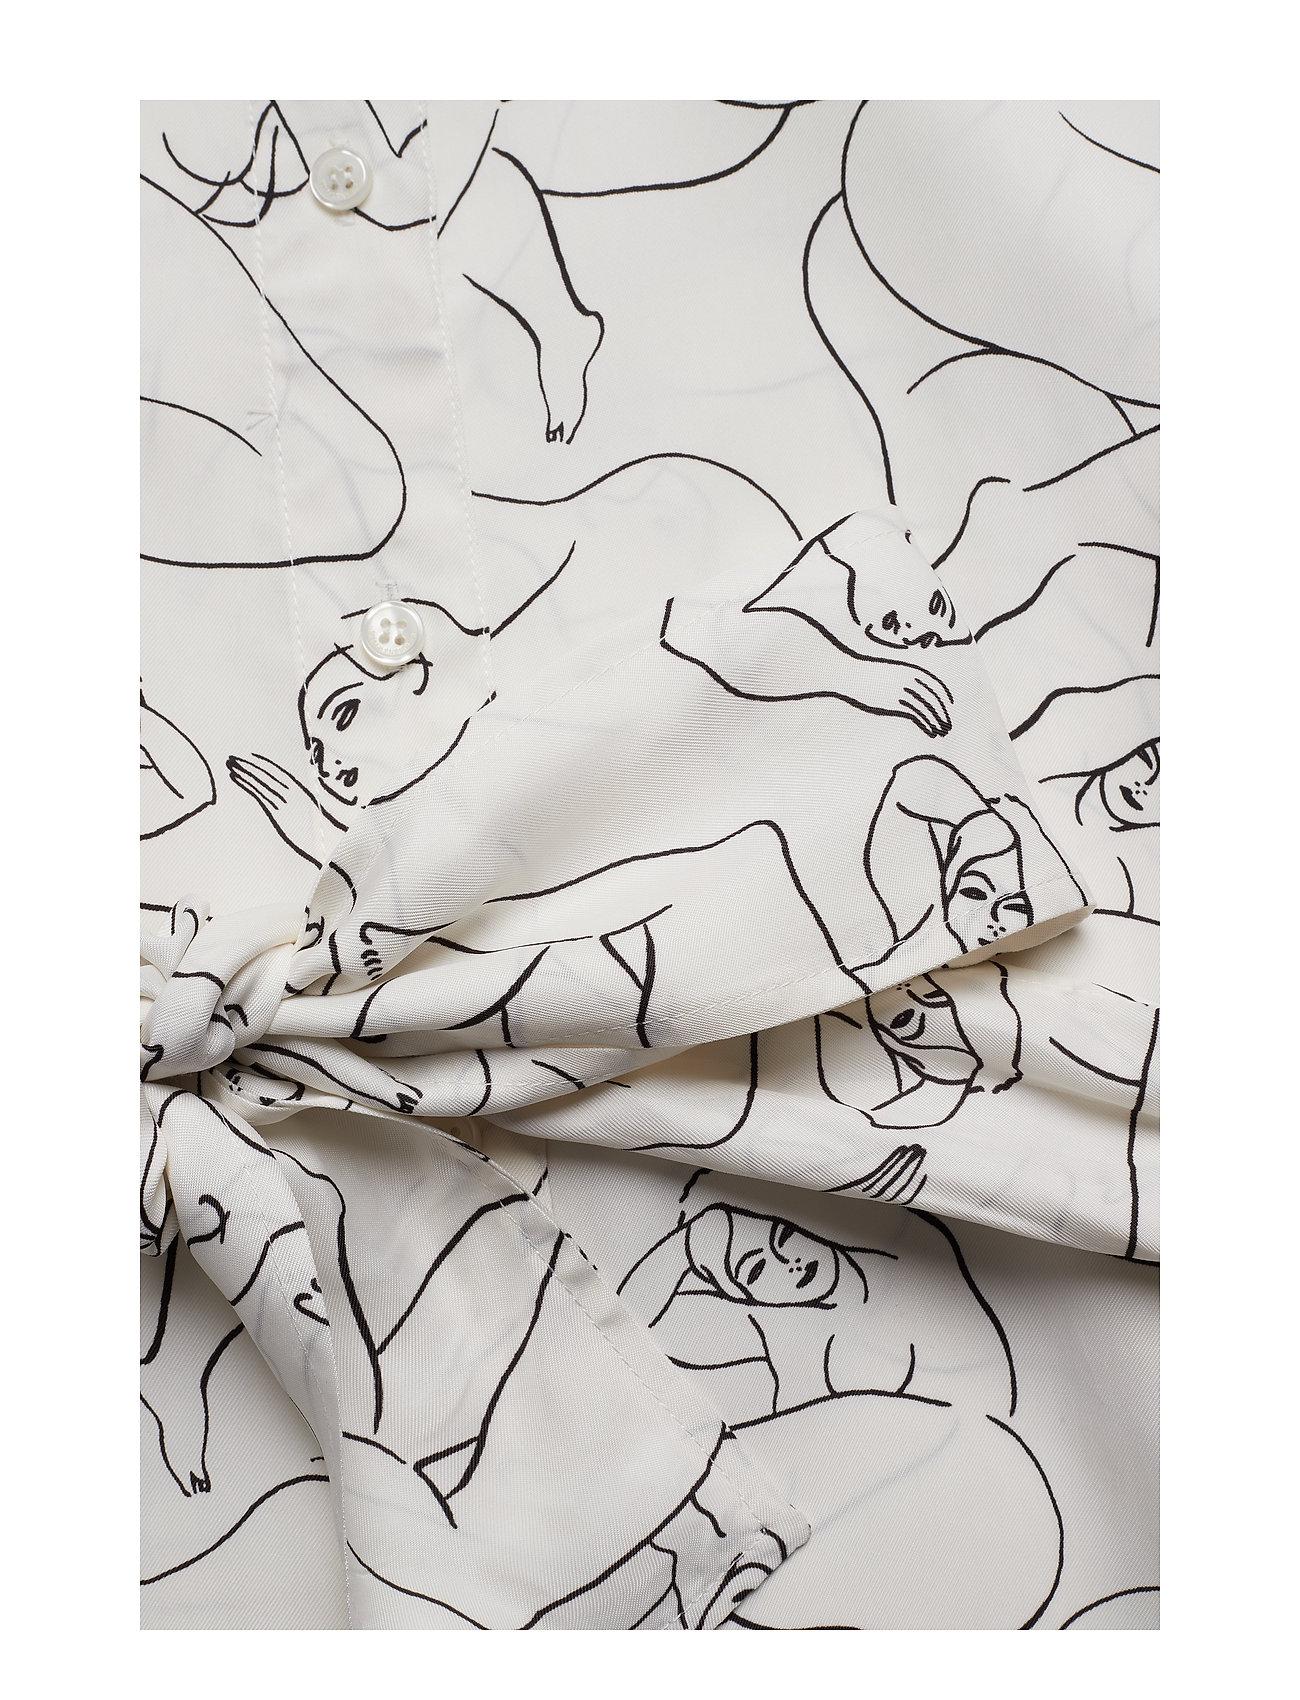 Dre1019s91 (Soft White) (1699.50 kr) - By Malene Birger